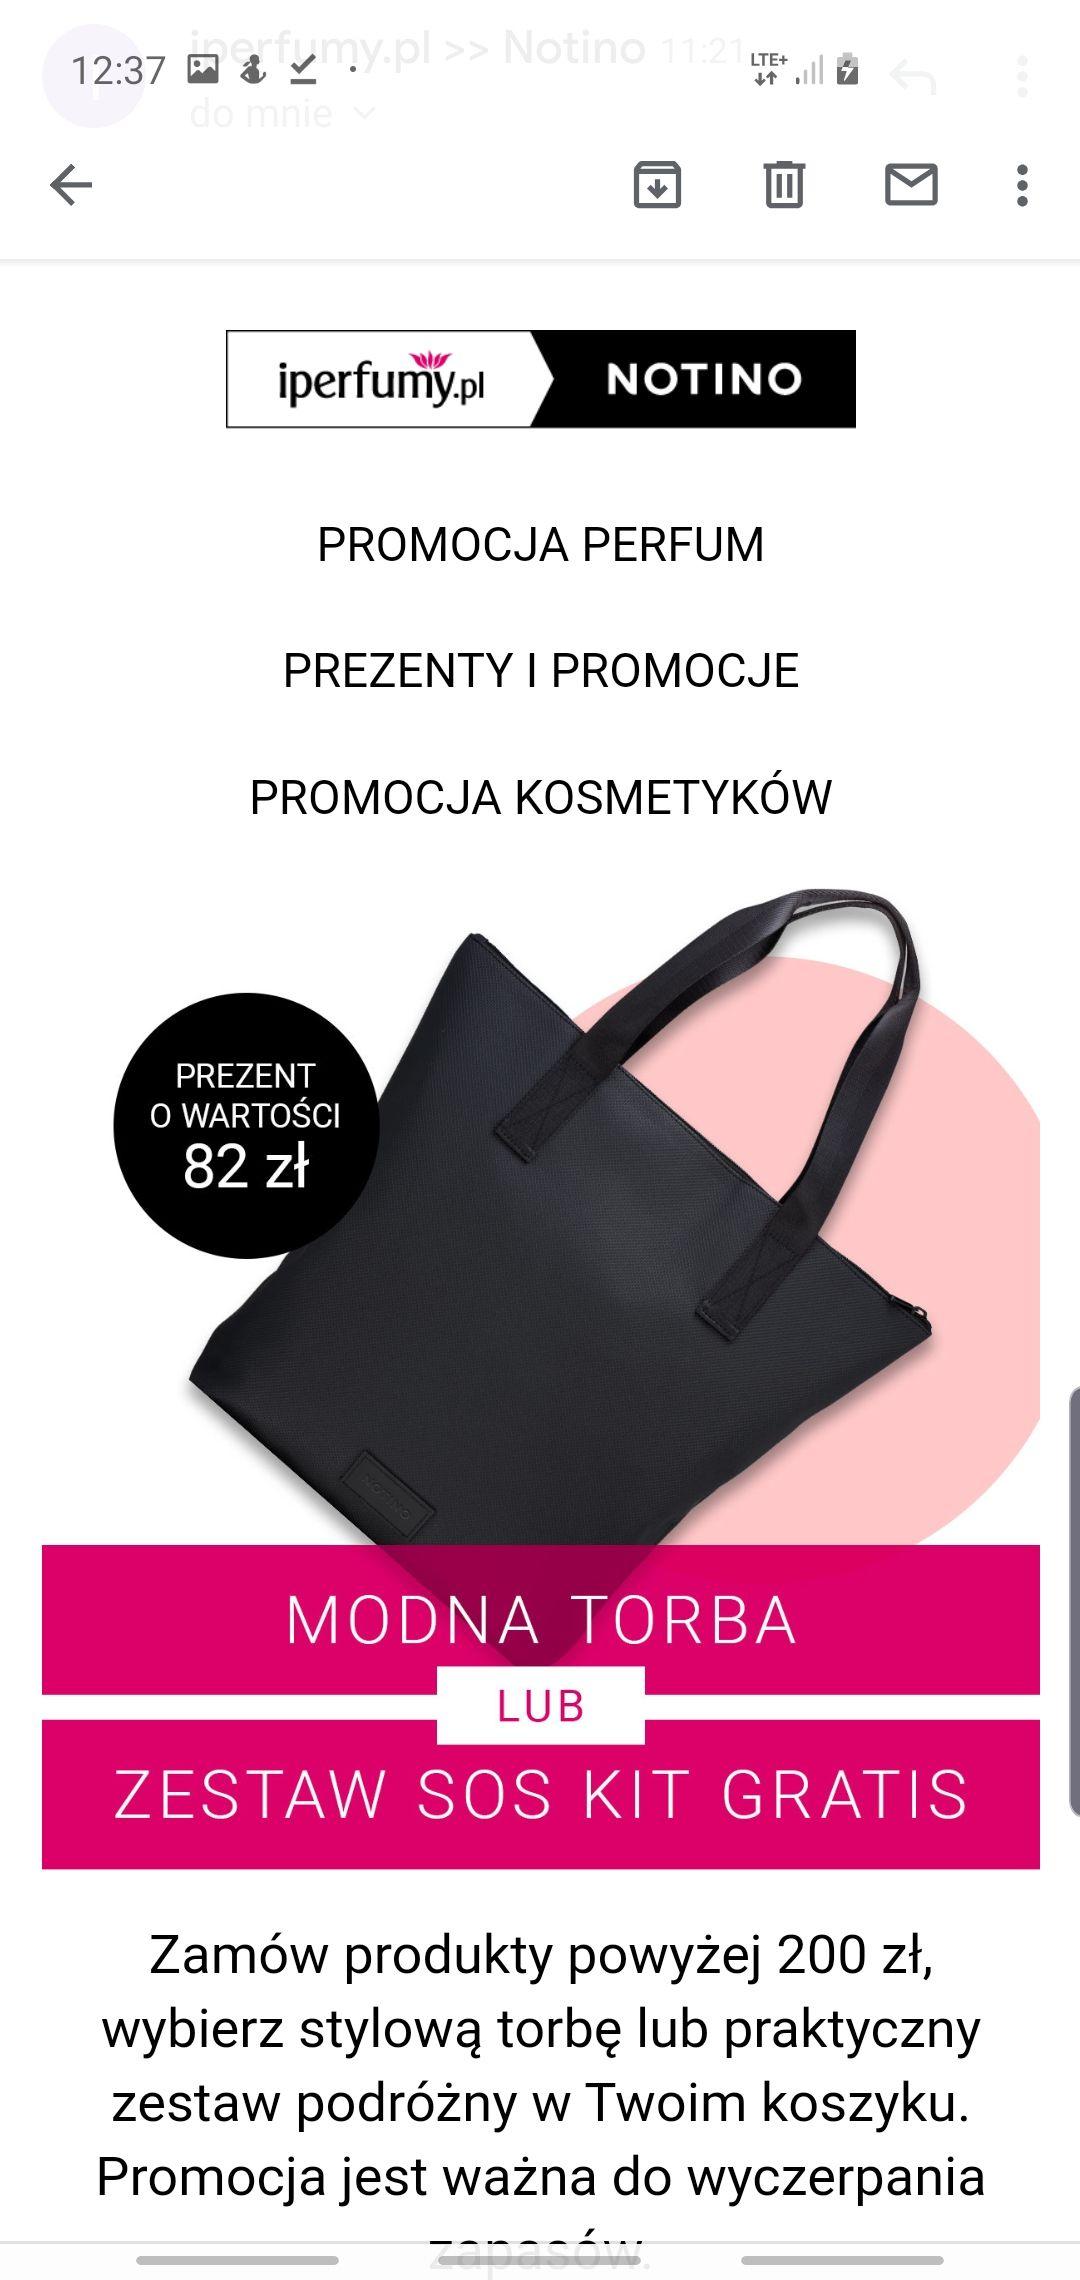 Torba lub Sos Kit dla Niej/Niego za zamówienie powyżej 200 zł w sklepie Notino